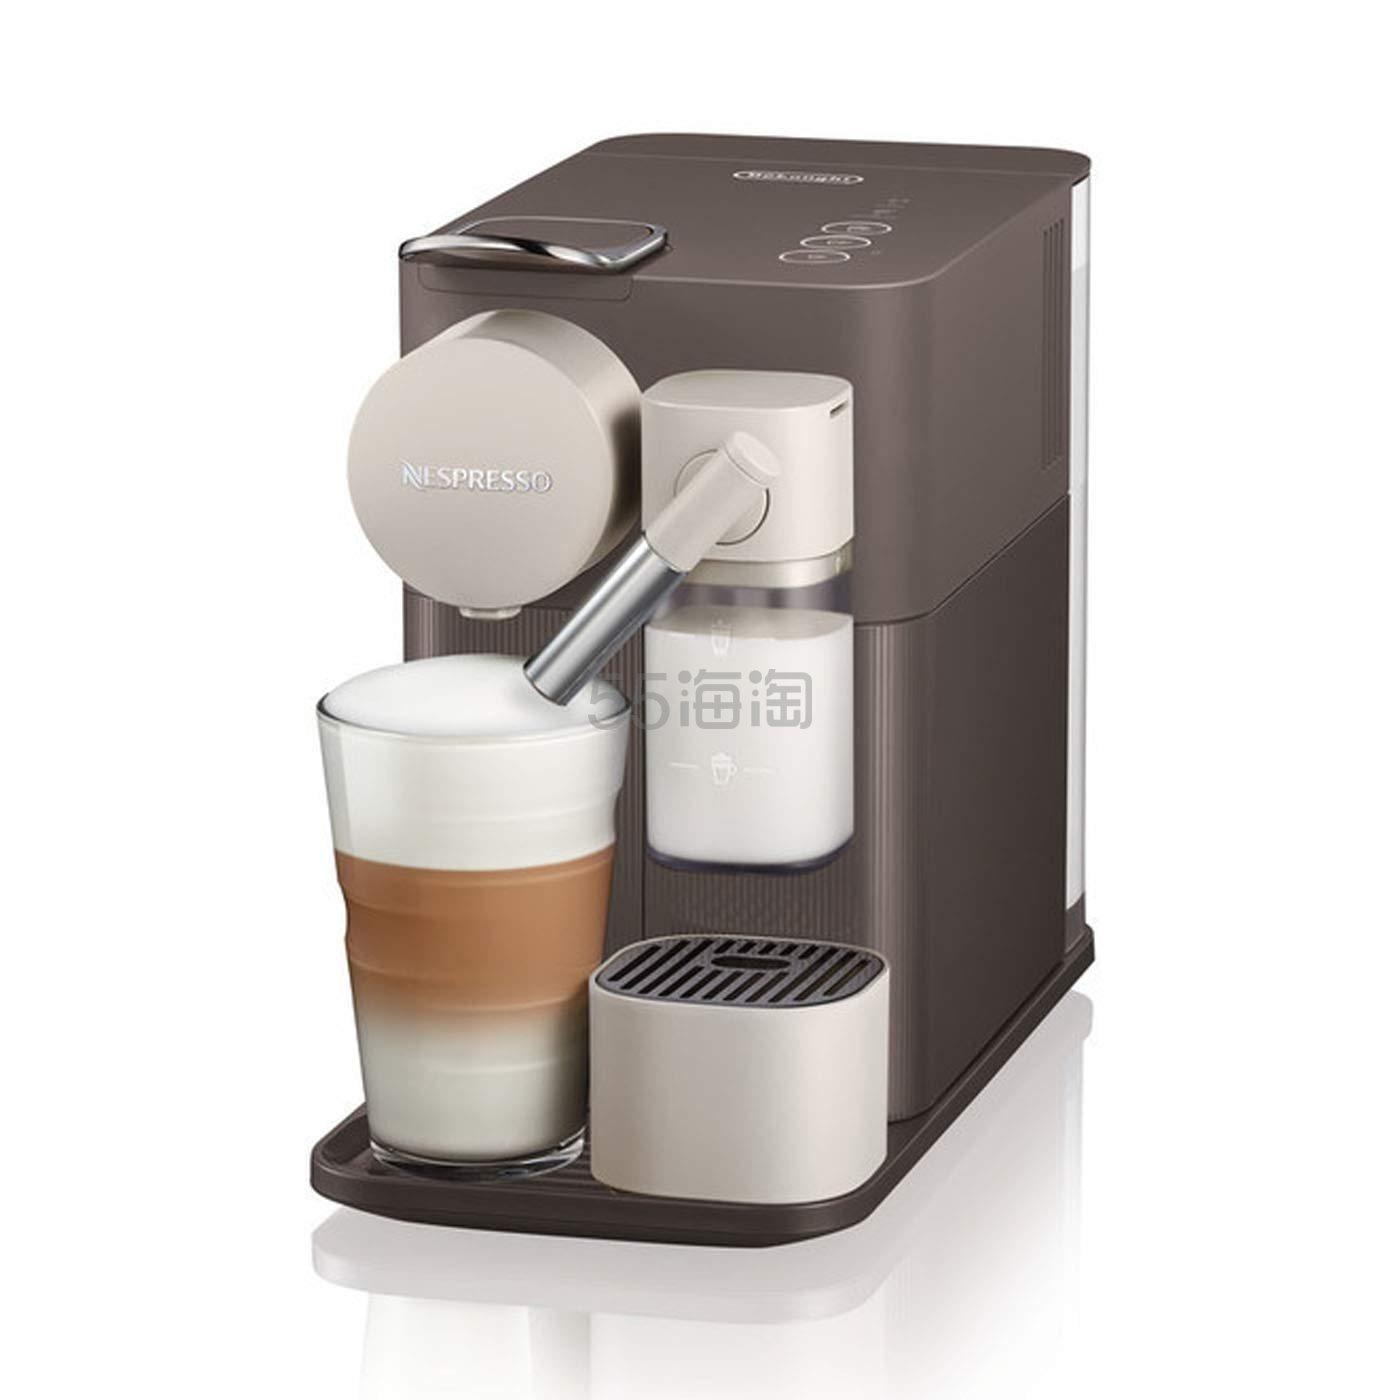 【中亚Prime会员】DeLonghi 德龙 Lattissima One EN500.W 胶囊咖啡机 棕色 到手价1057元 - 海淘优惠海淘折扣|55海淘网